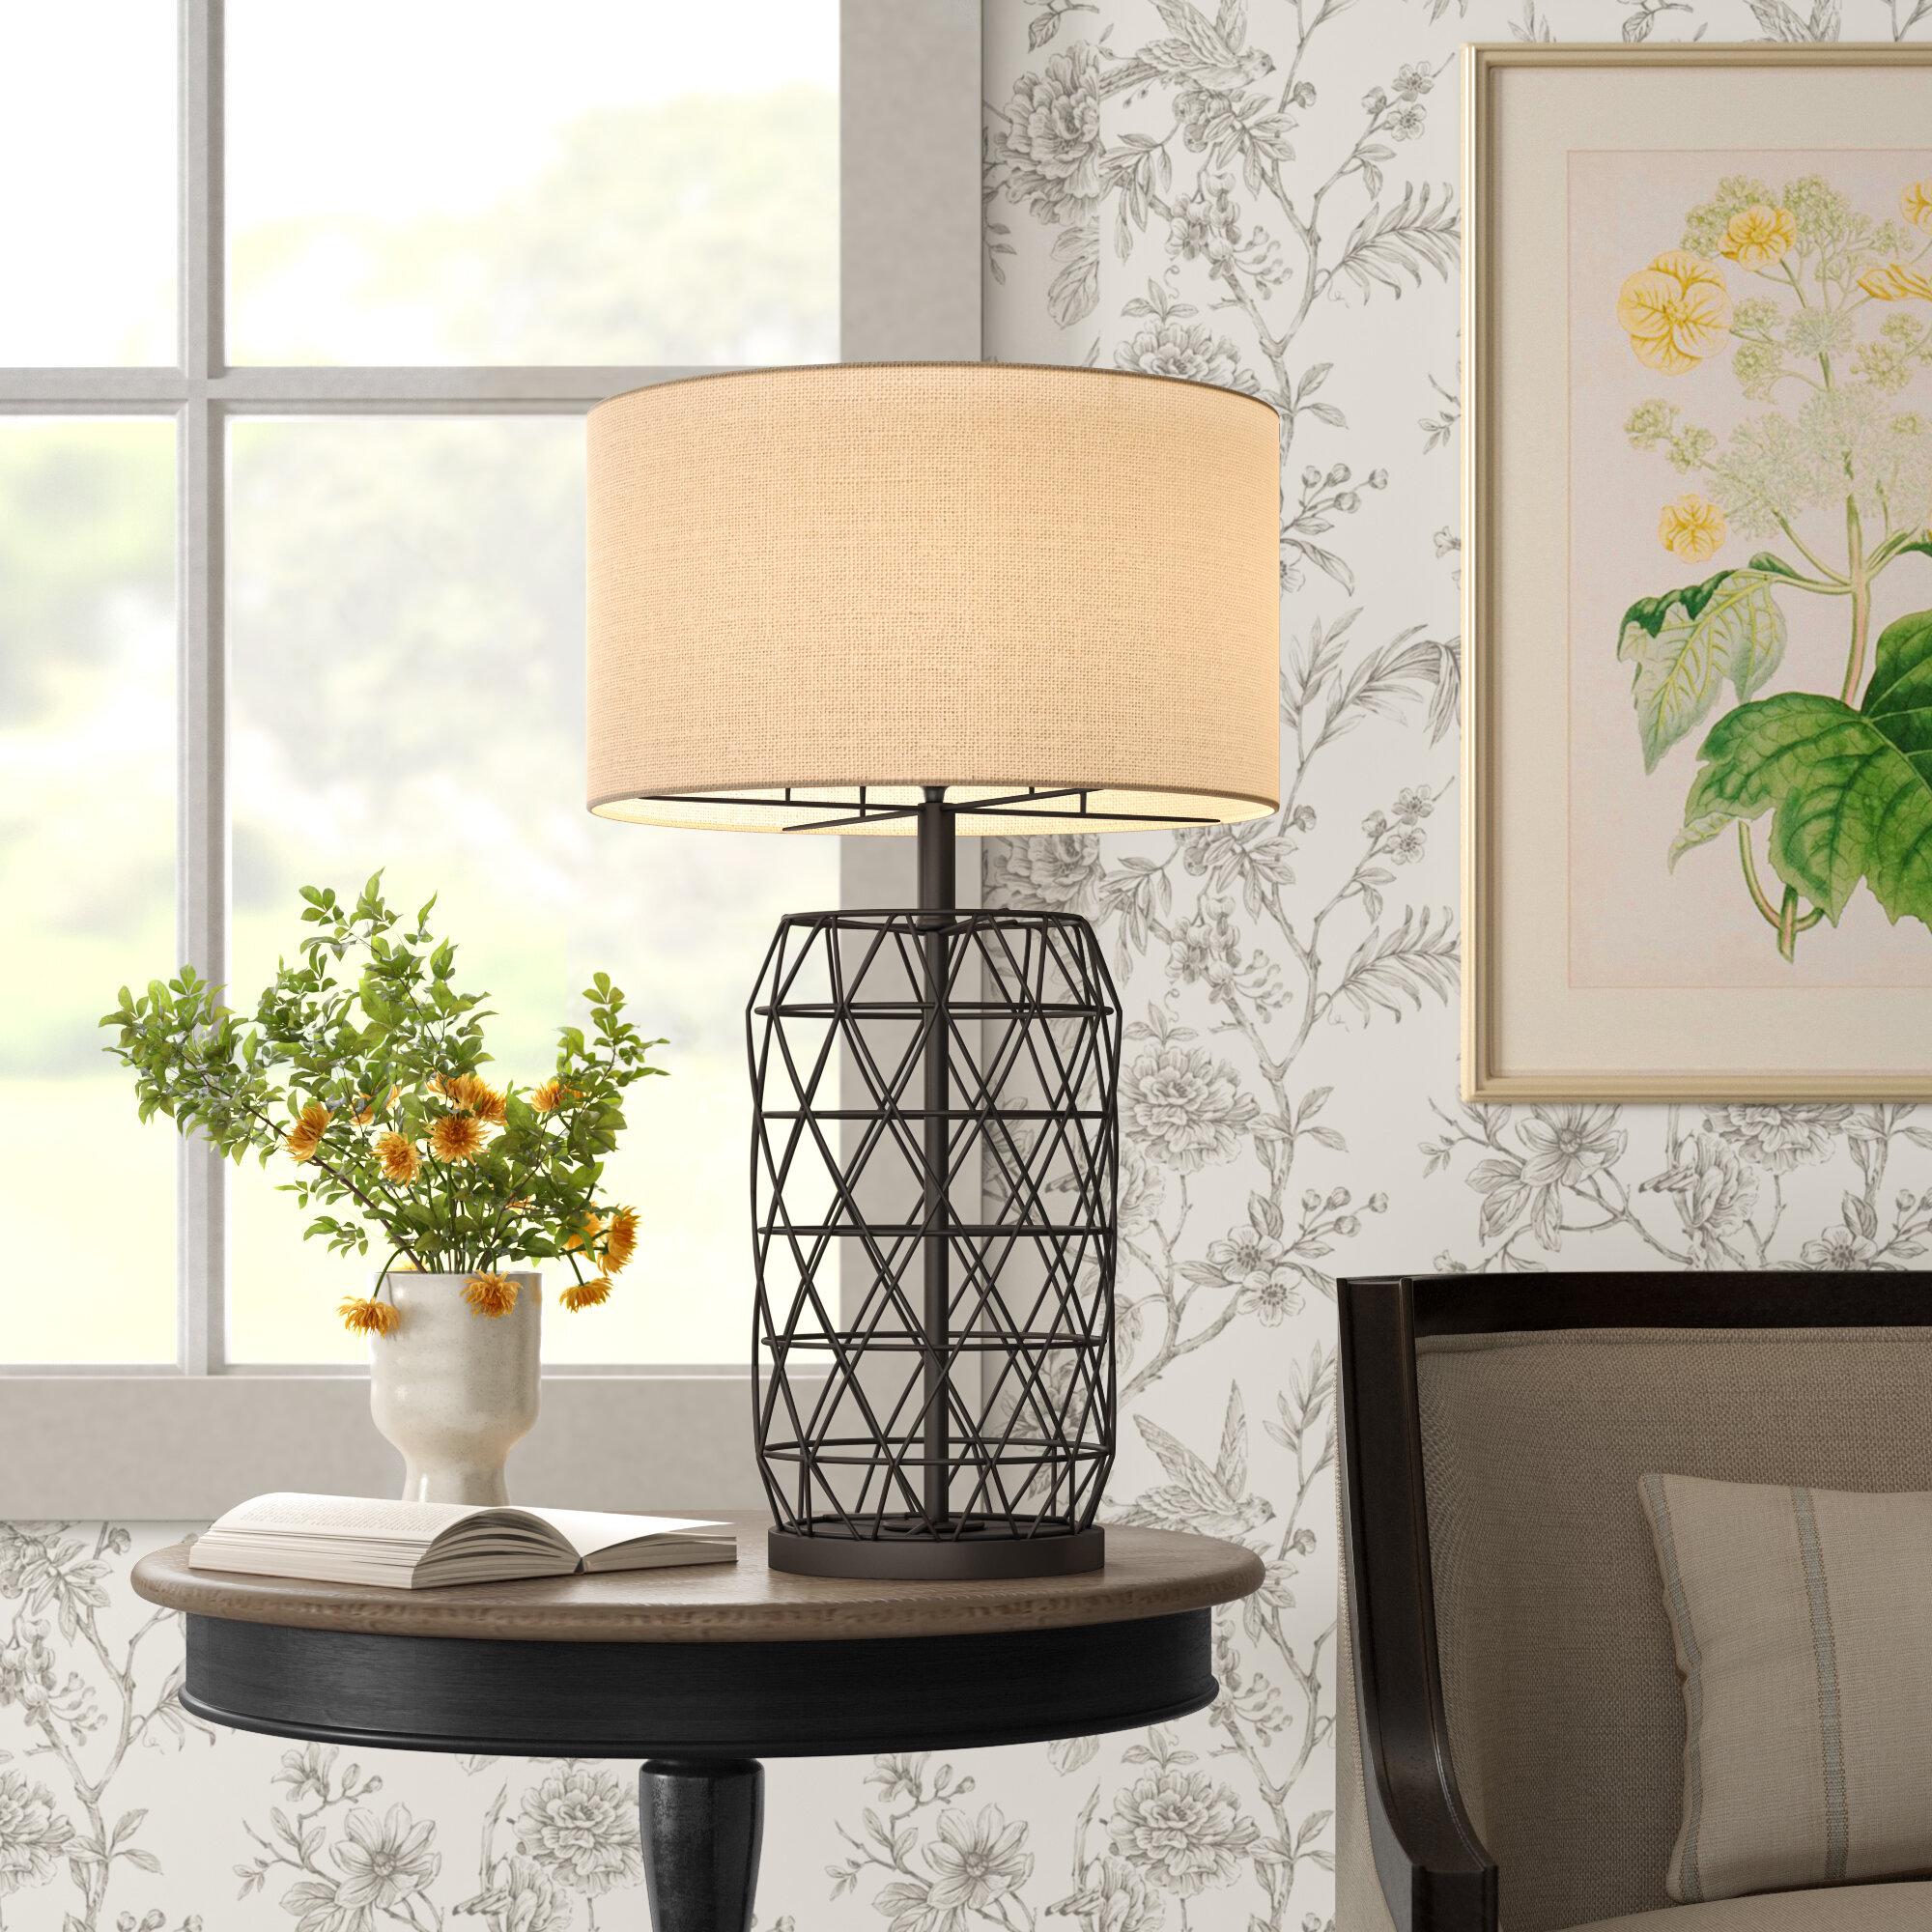 Borton 27 Black Table Lamp Reviews Birch Lane